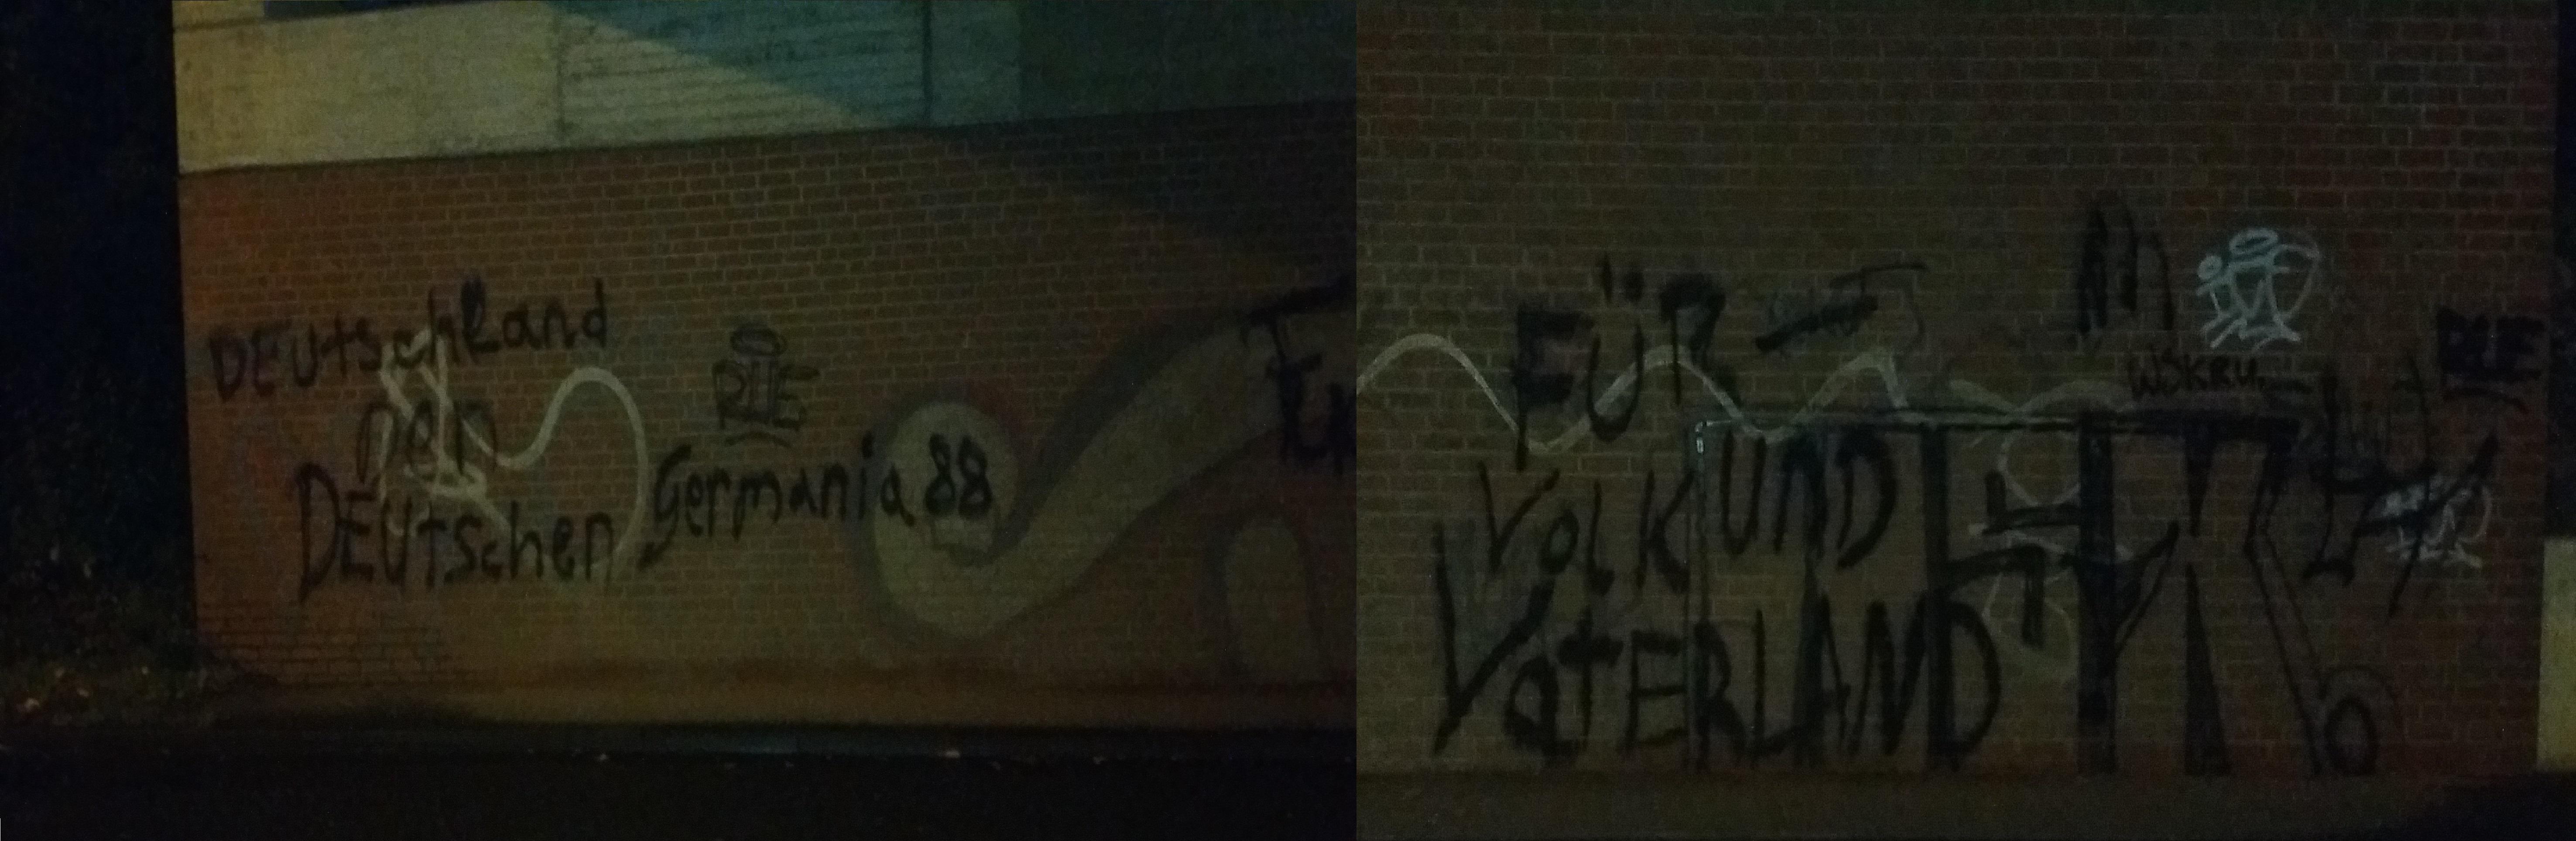 Eine verfestigte Szene Neonazismus in Hamm – ein aktueller Überblick |